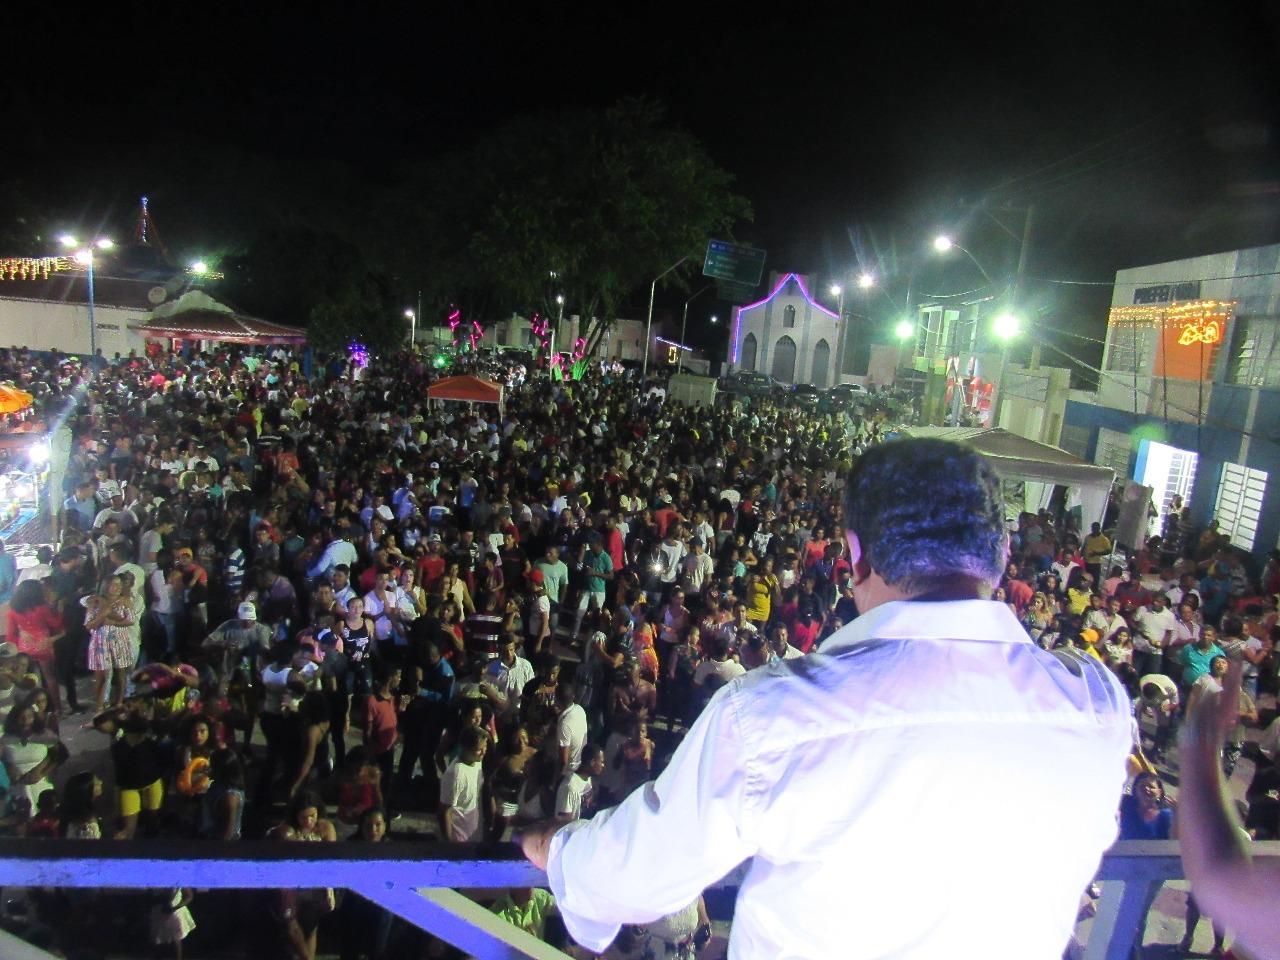 Multidão comemora virada para 2018 na Praça Ruy Barbosa em Boa Vista do Tupim